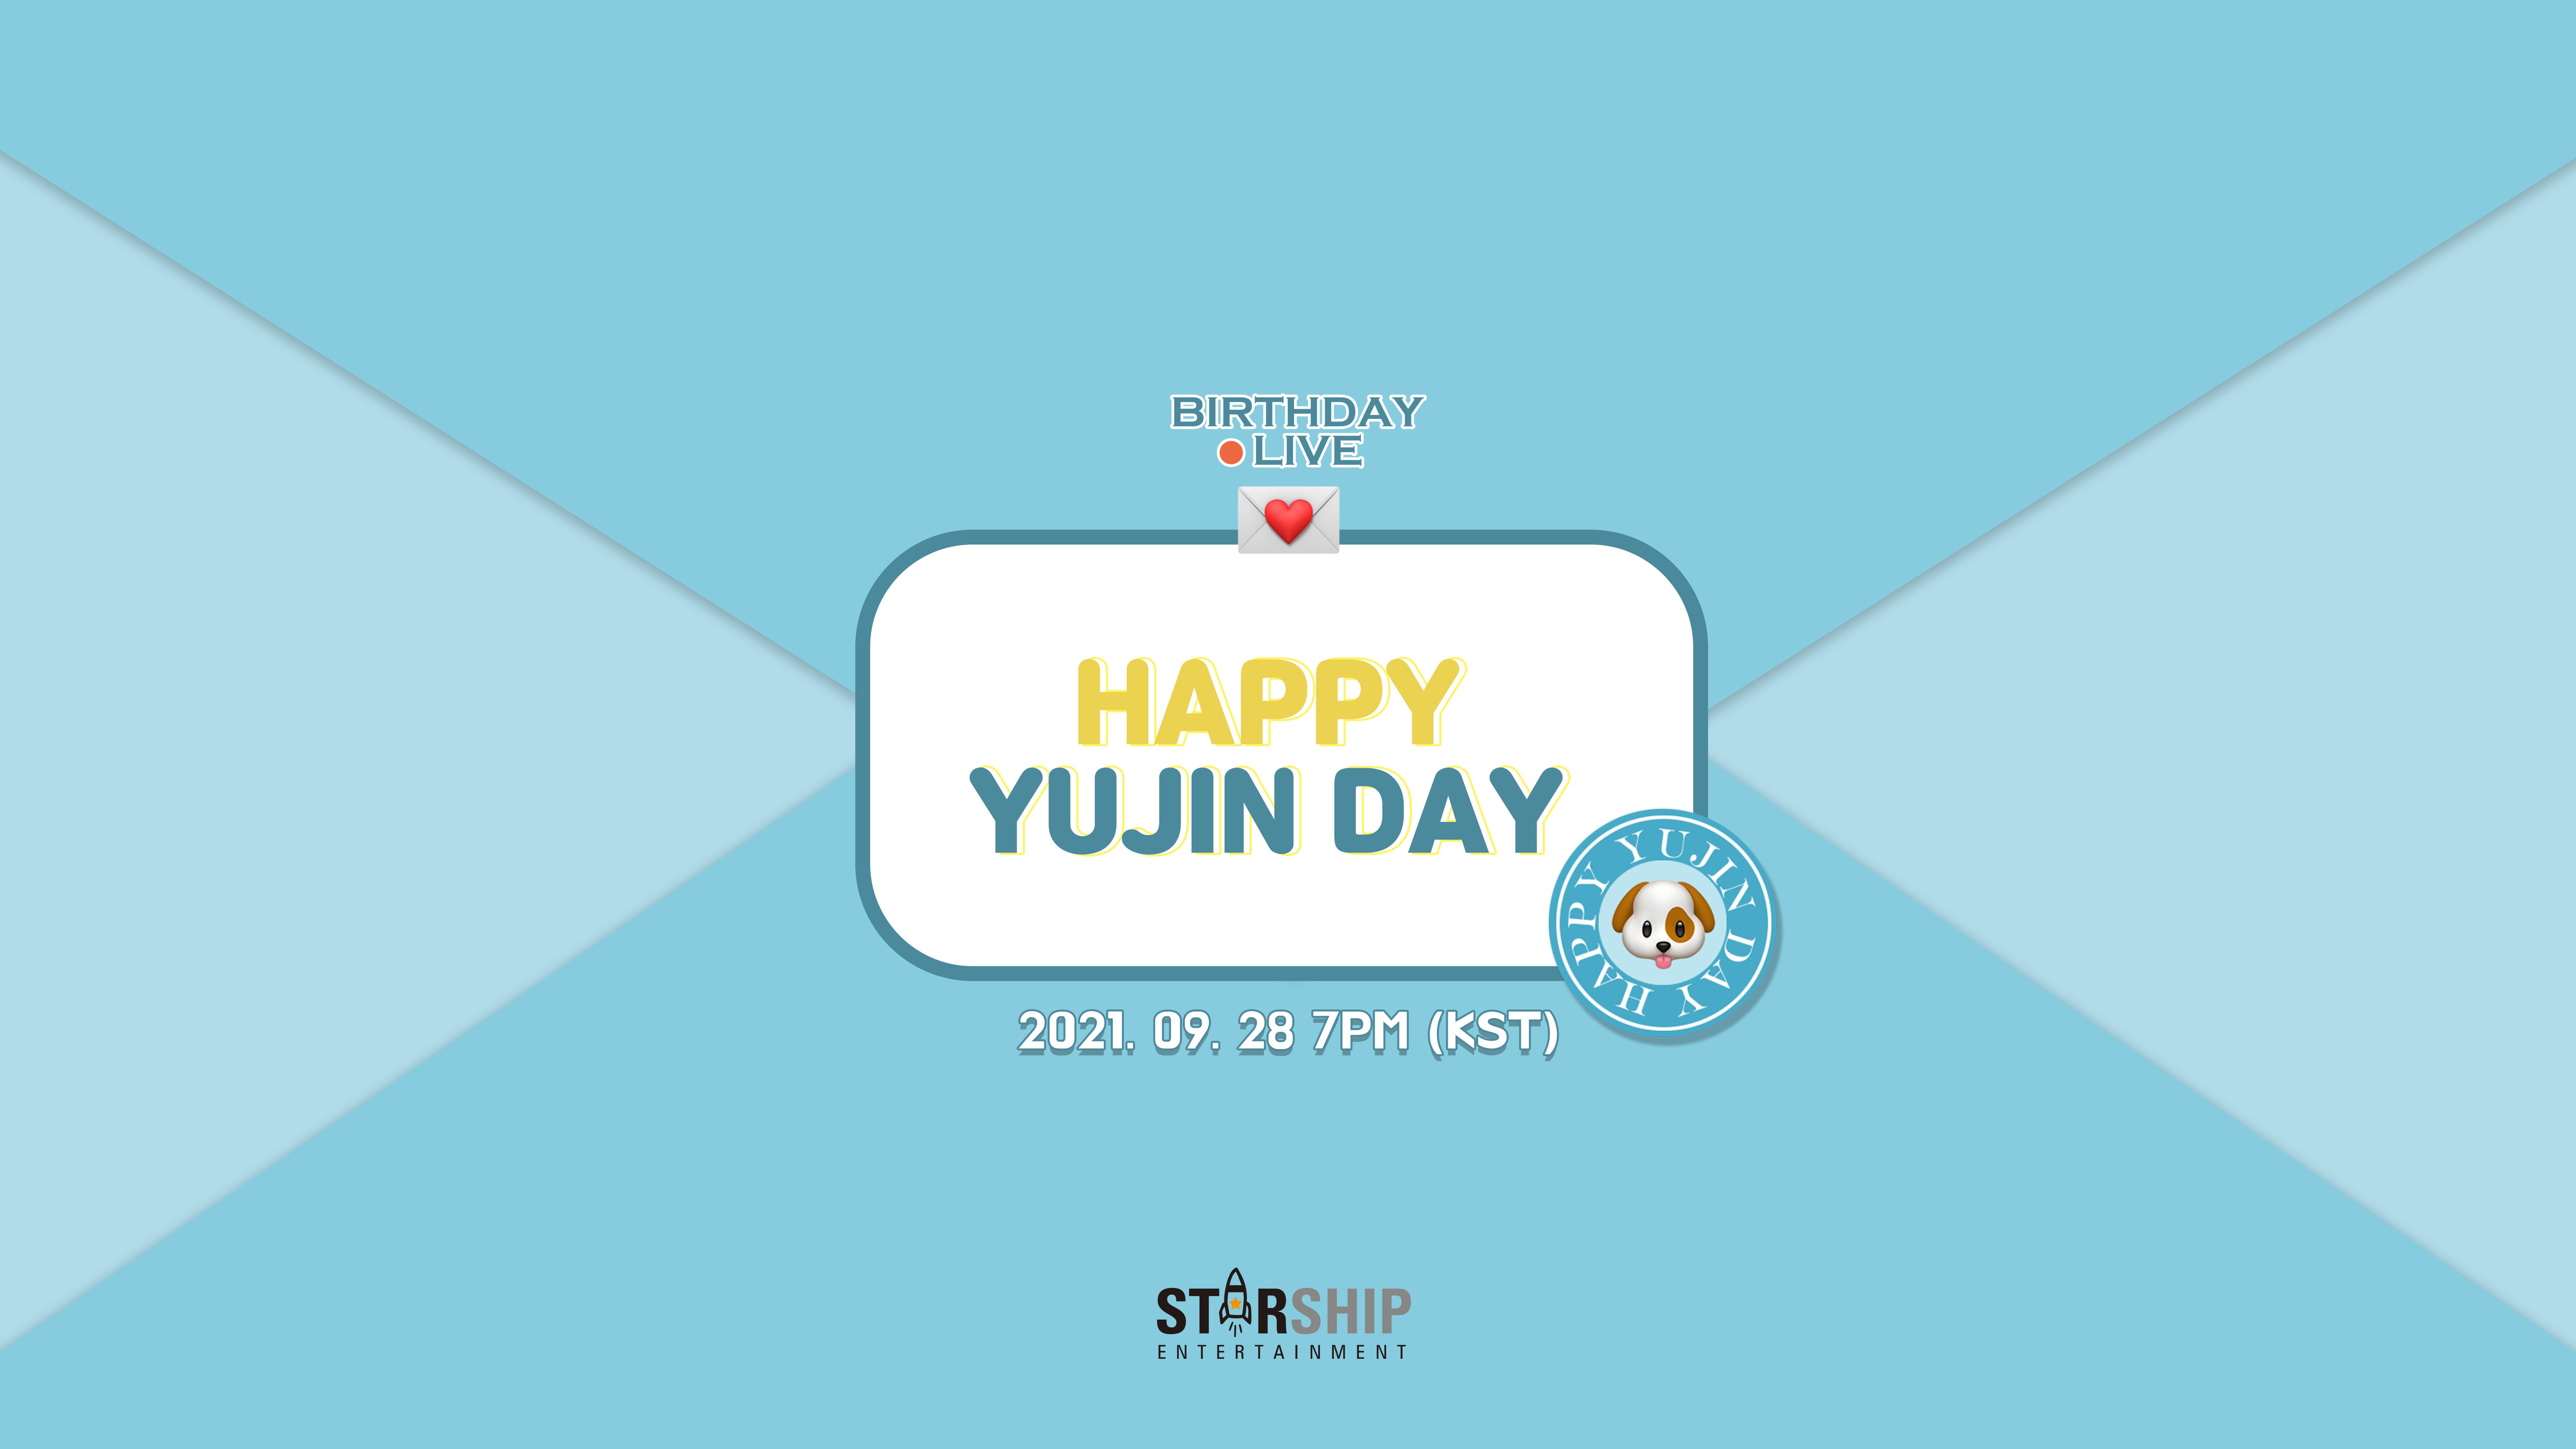 [안유진] HAPPY YUJIN DAY 💕